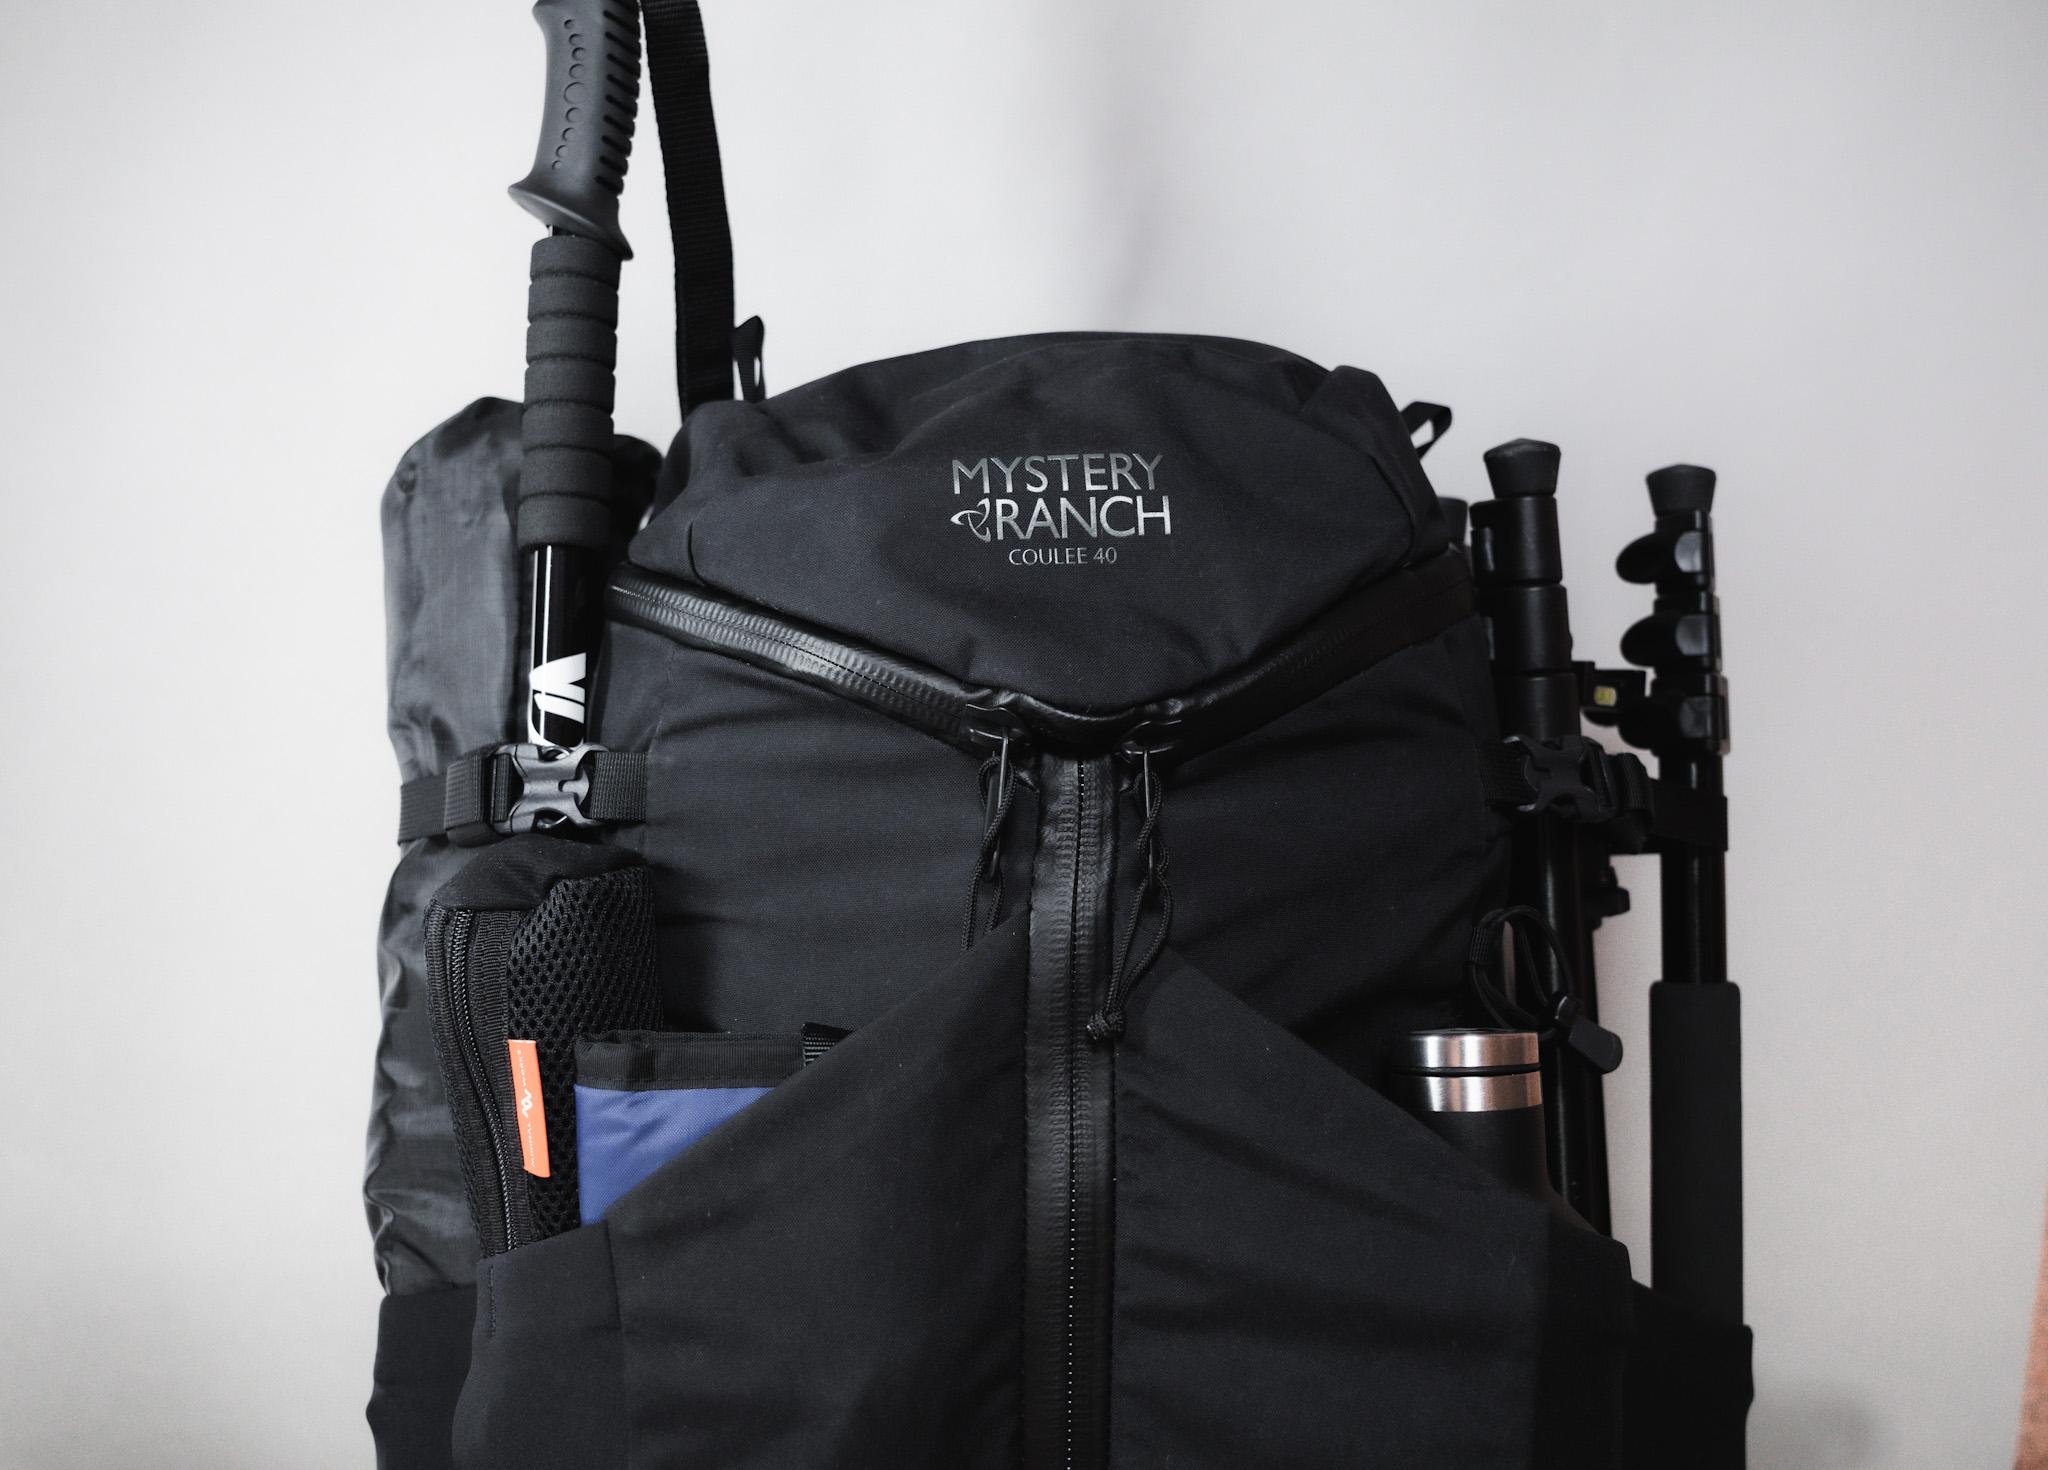 ソロキャンプにおすすめなバックパック【バランス型】|MYSTERY RANCH クーリー40